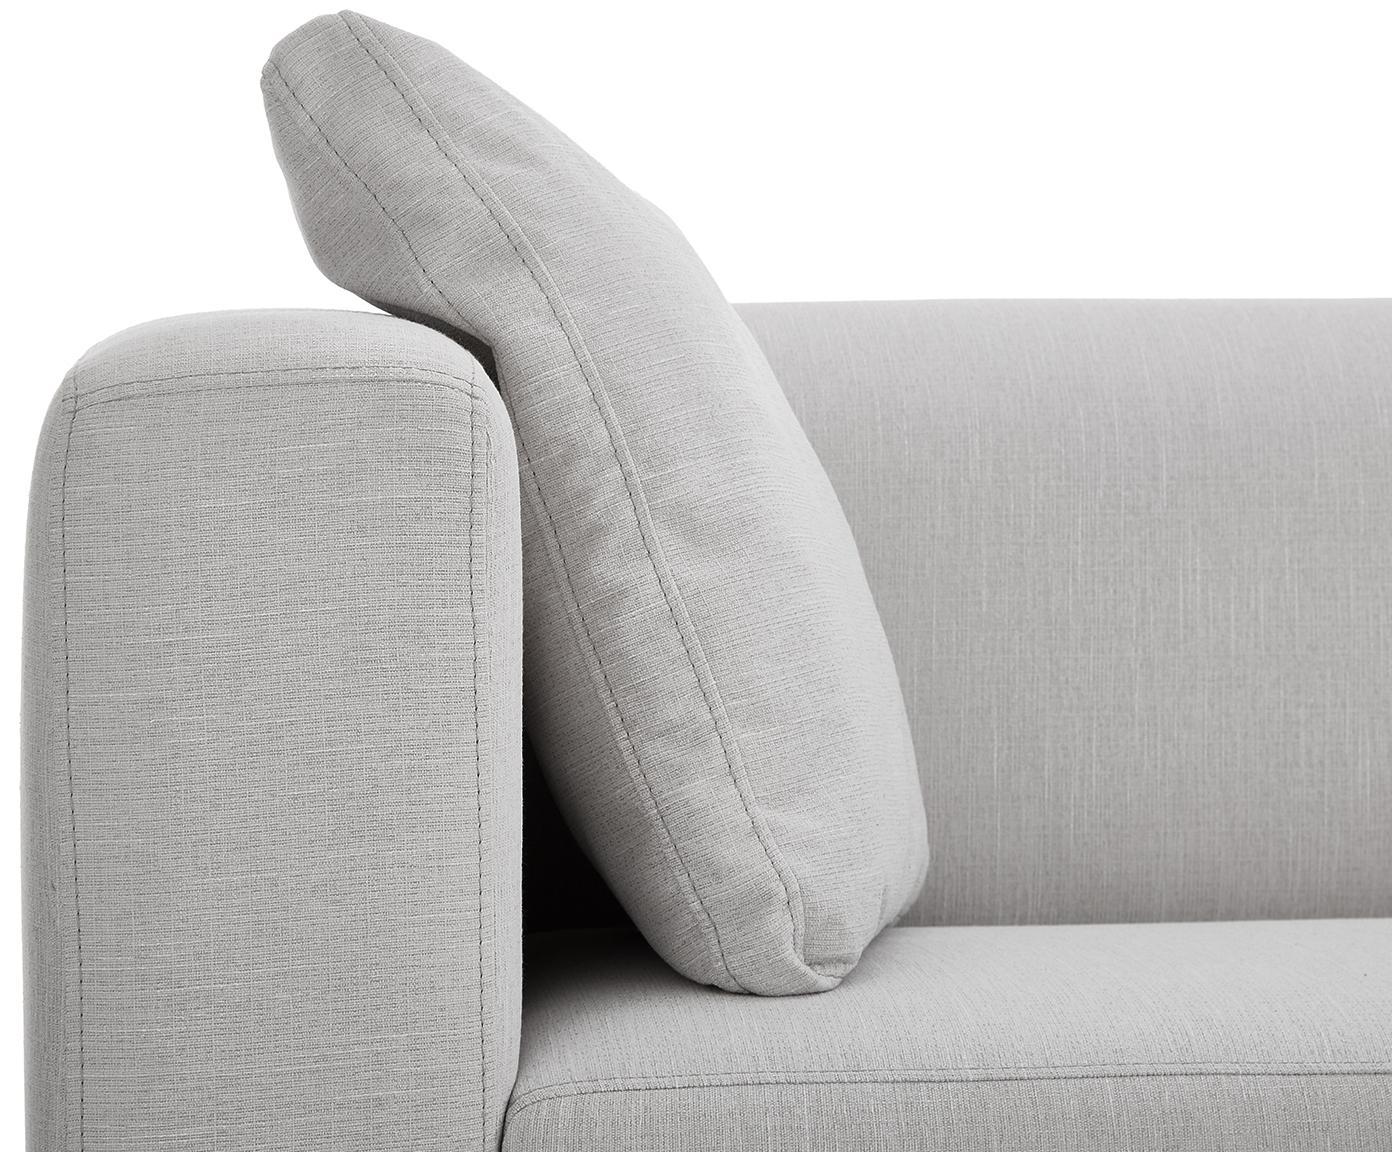 Sofa Carrie (2-Sitzer), Bezug: Polyester 50.000 Scheuert, Gestell: Spanholz, Hartfaserplatte, Füße: Metall, lackiert, Webstoff Grau, B 176 x T 86 cm